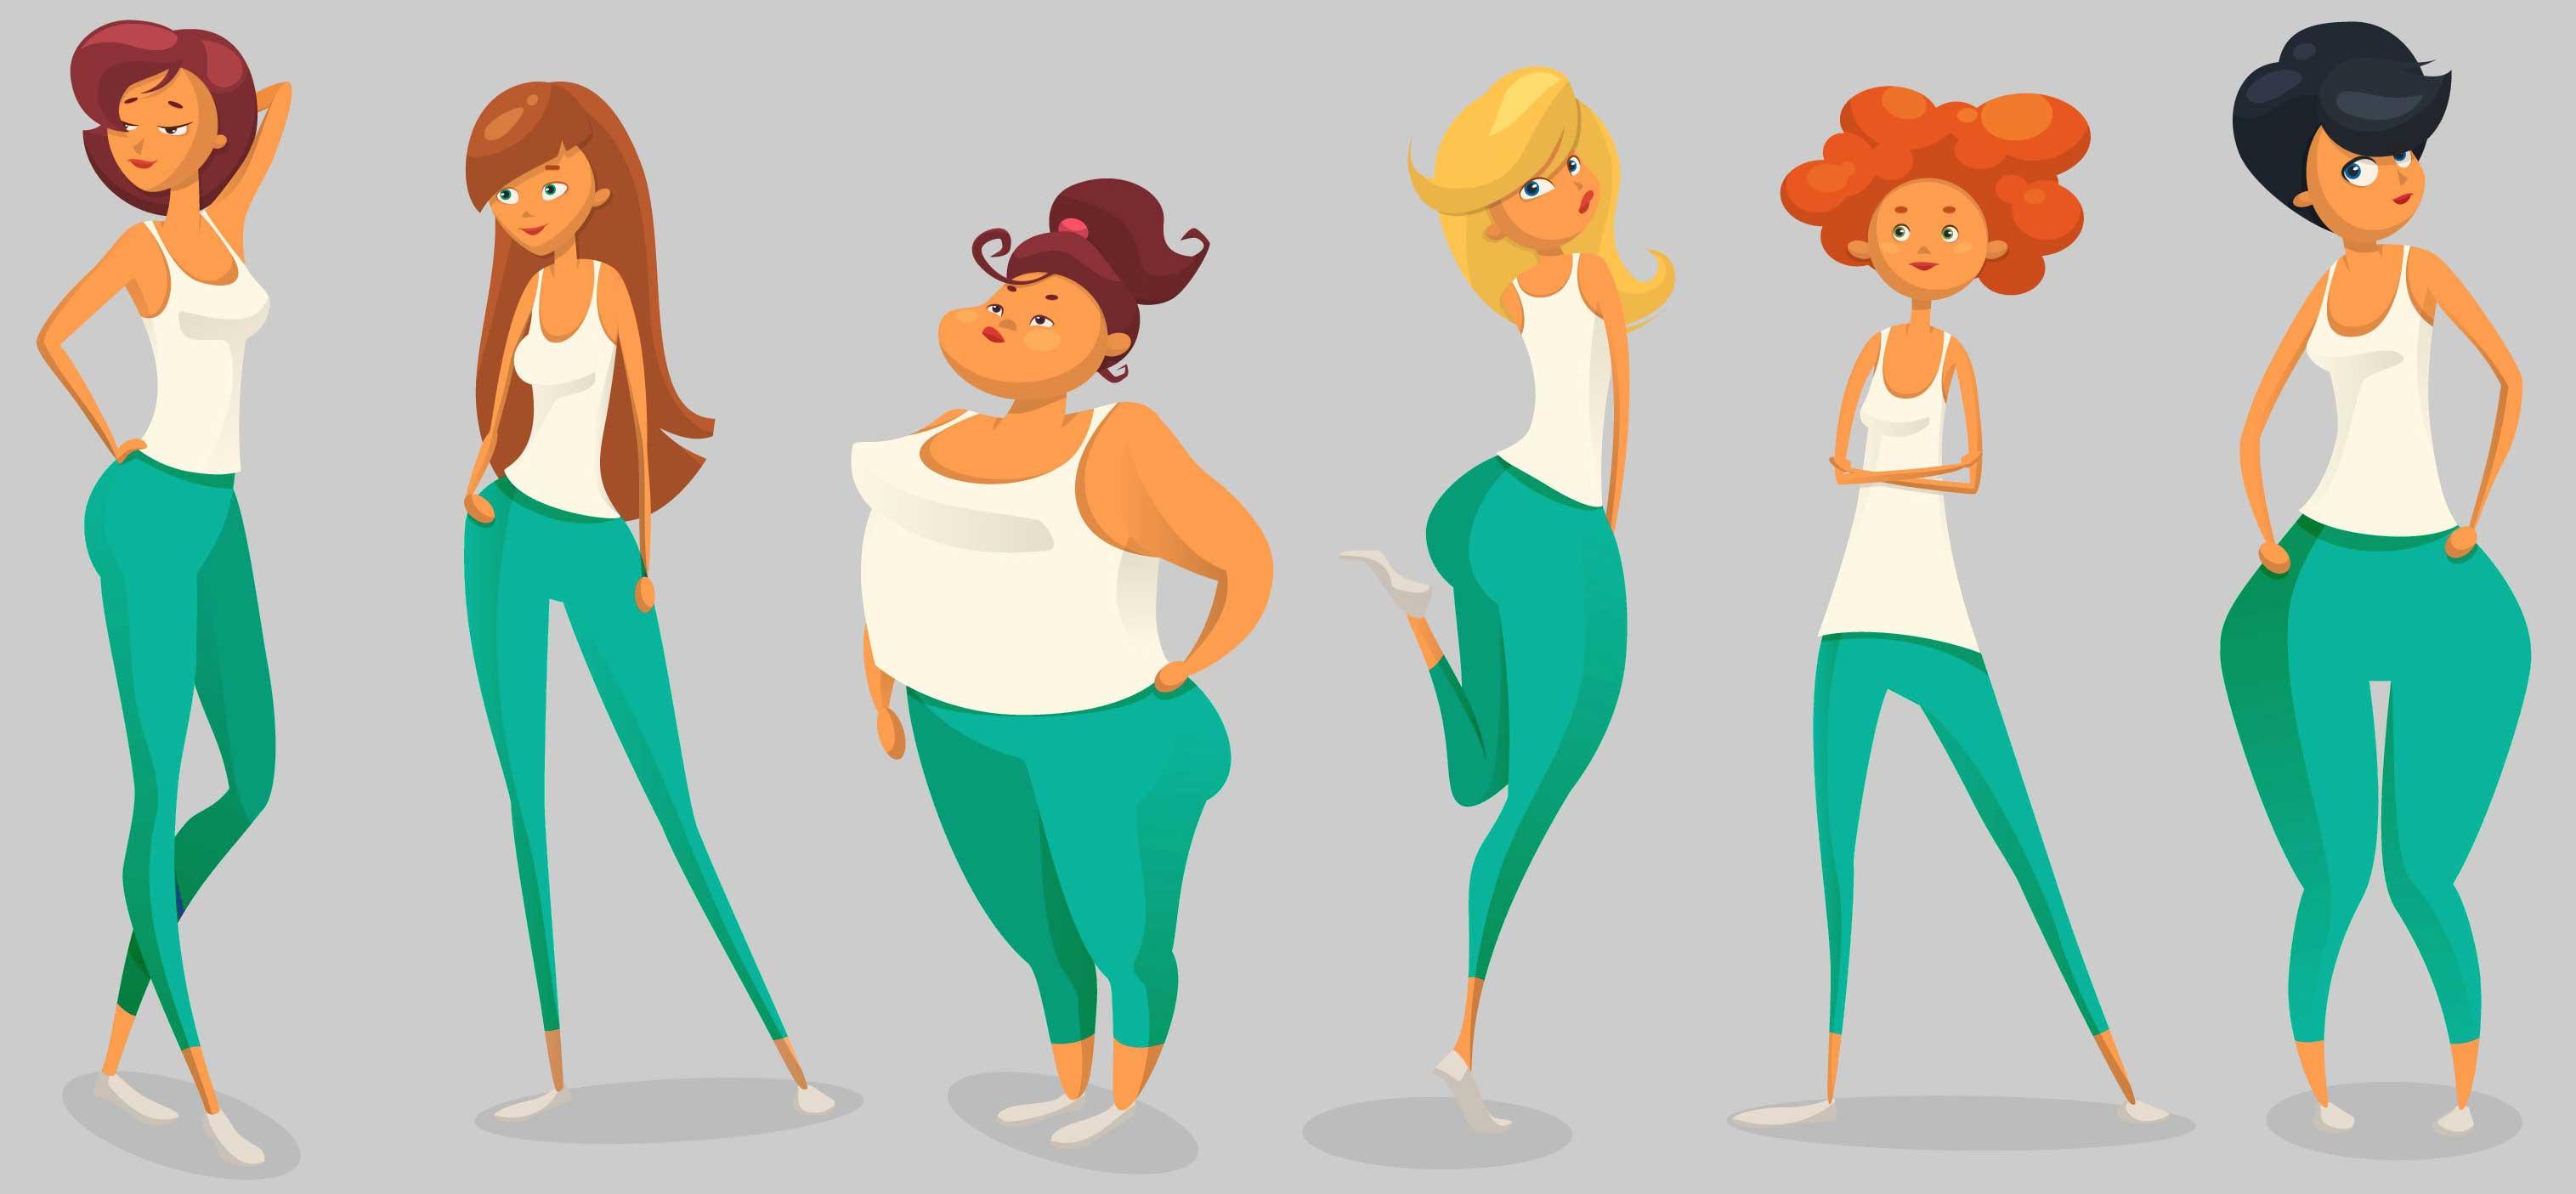 چطور شلوار جین متناسب با فرم بدن خودمان را پیدا کنیم؟